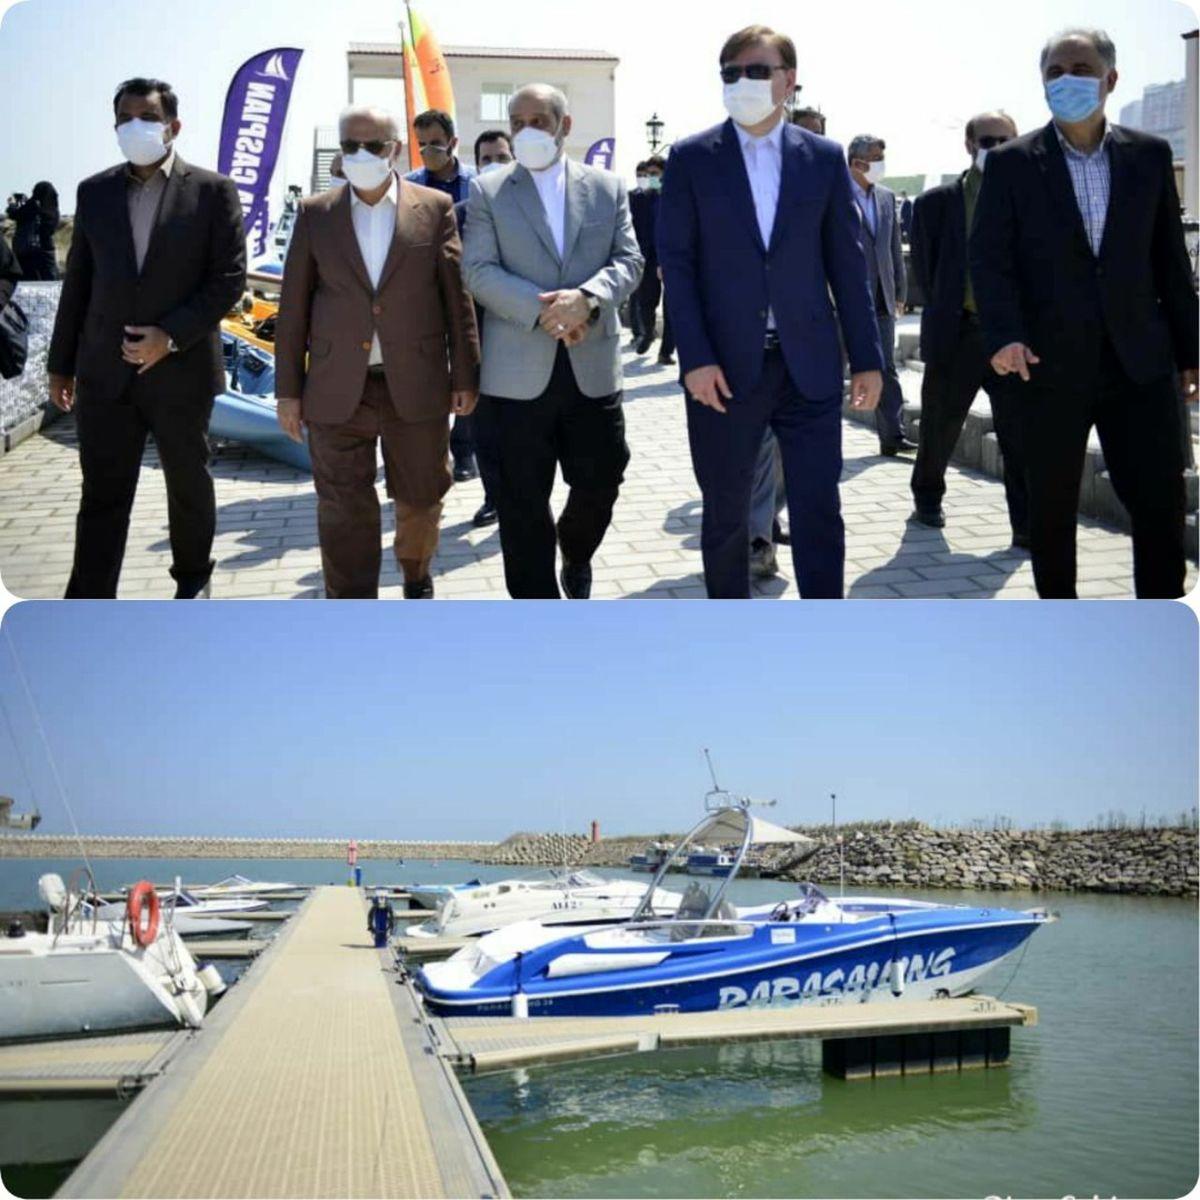 14 پروژه با 410 میلیارد تومان اعتبار درمنطقه آزاد انزلی افتتاح شد